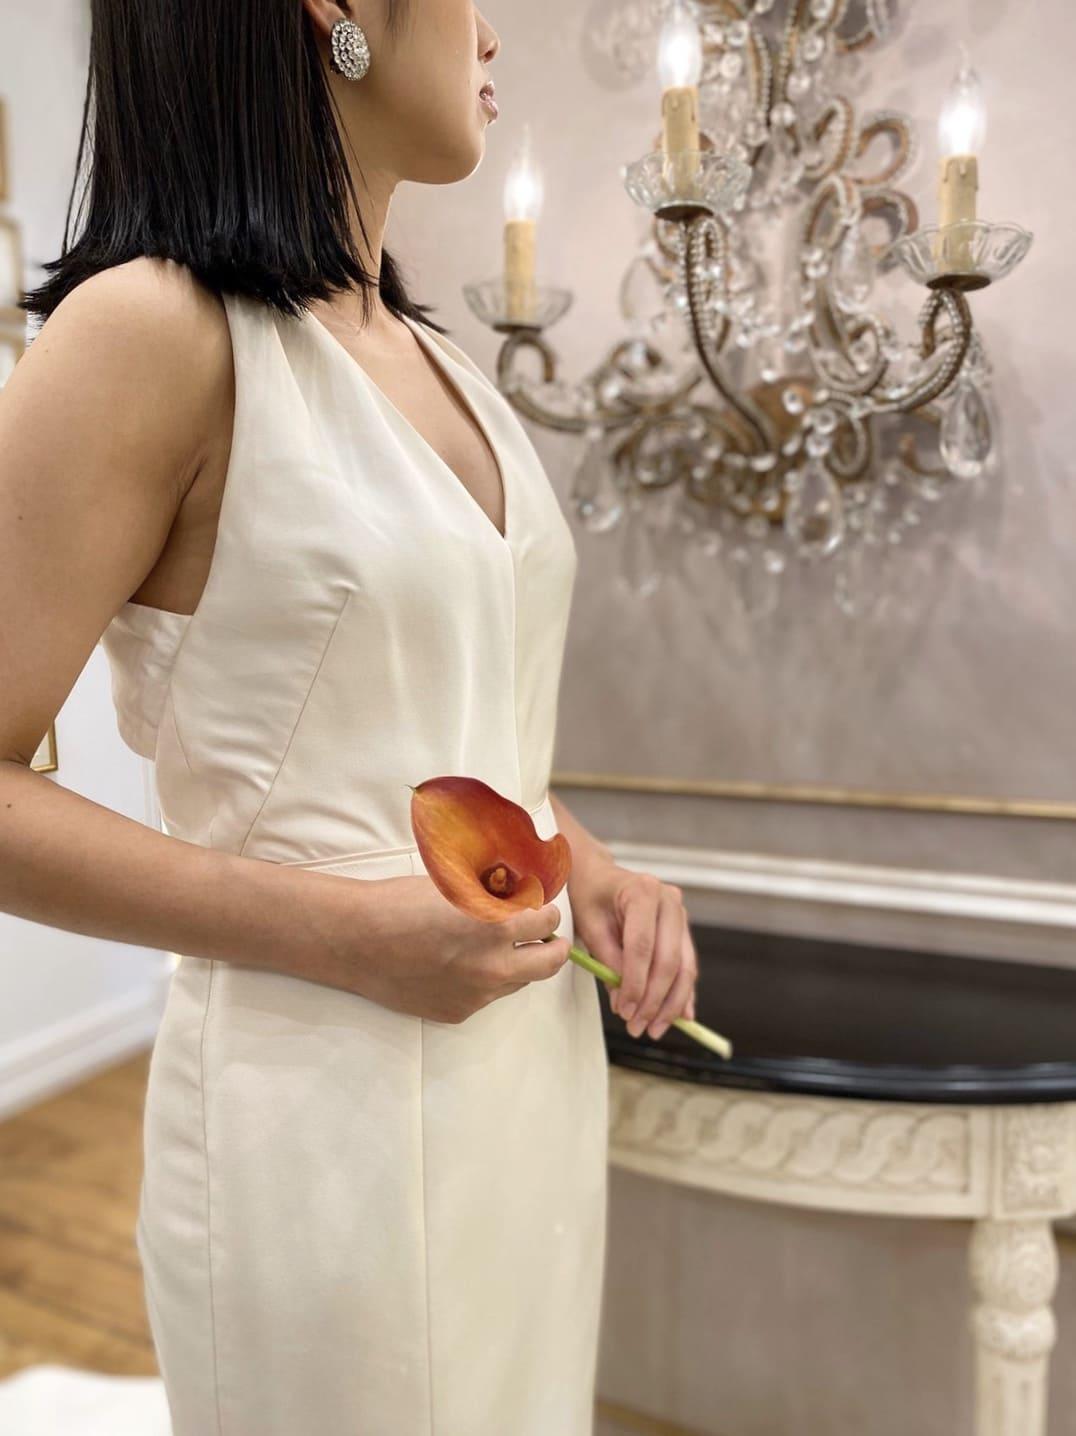 ホルターネックのデザインのマルケ―ザのインポートのウエディングドレス